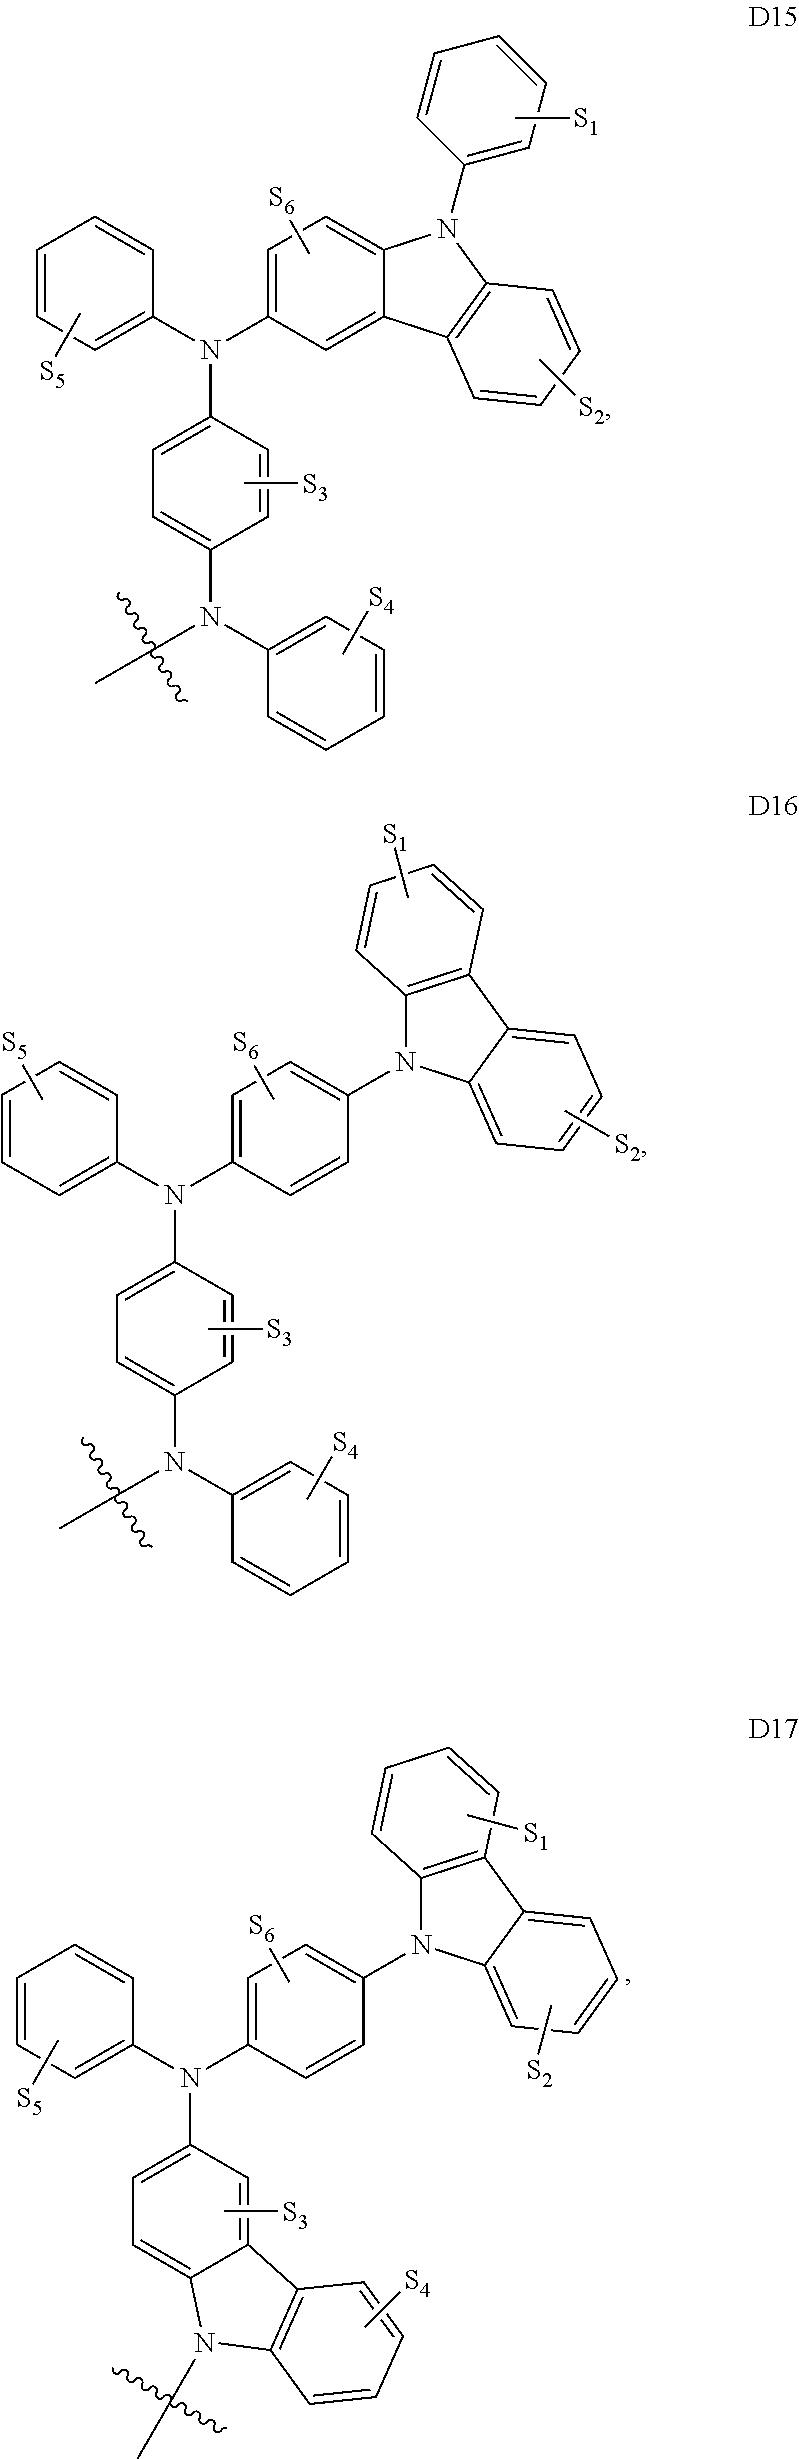 Figure US09537106-20170103-C00014